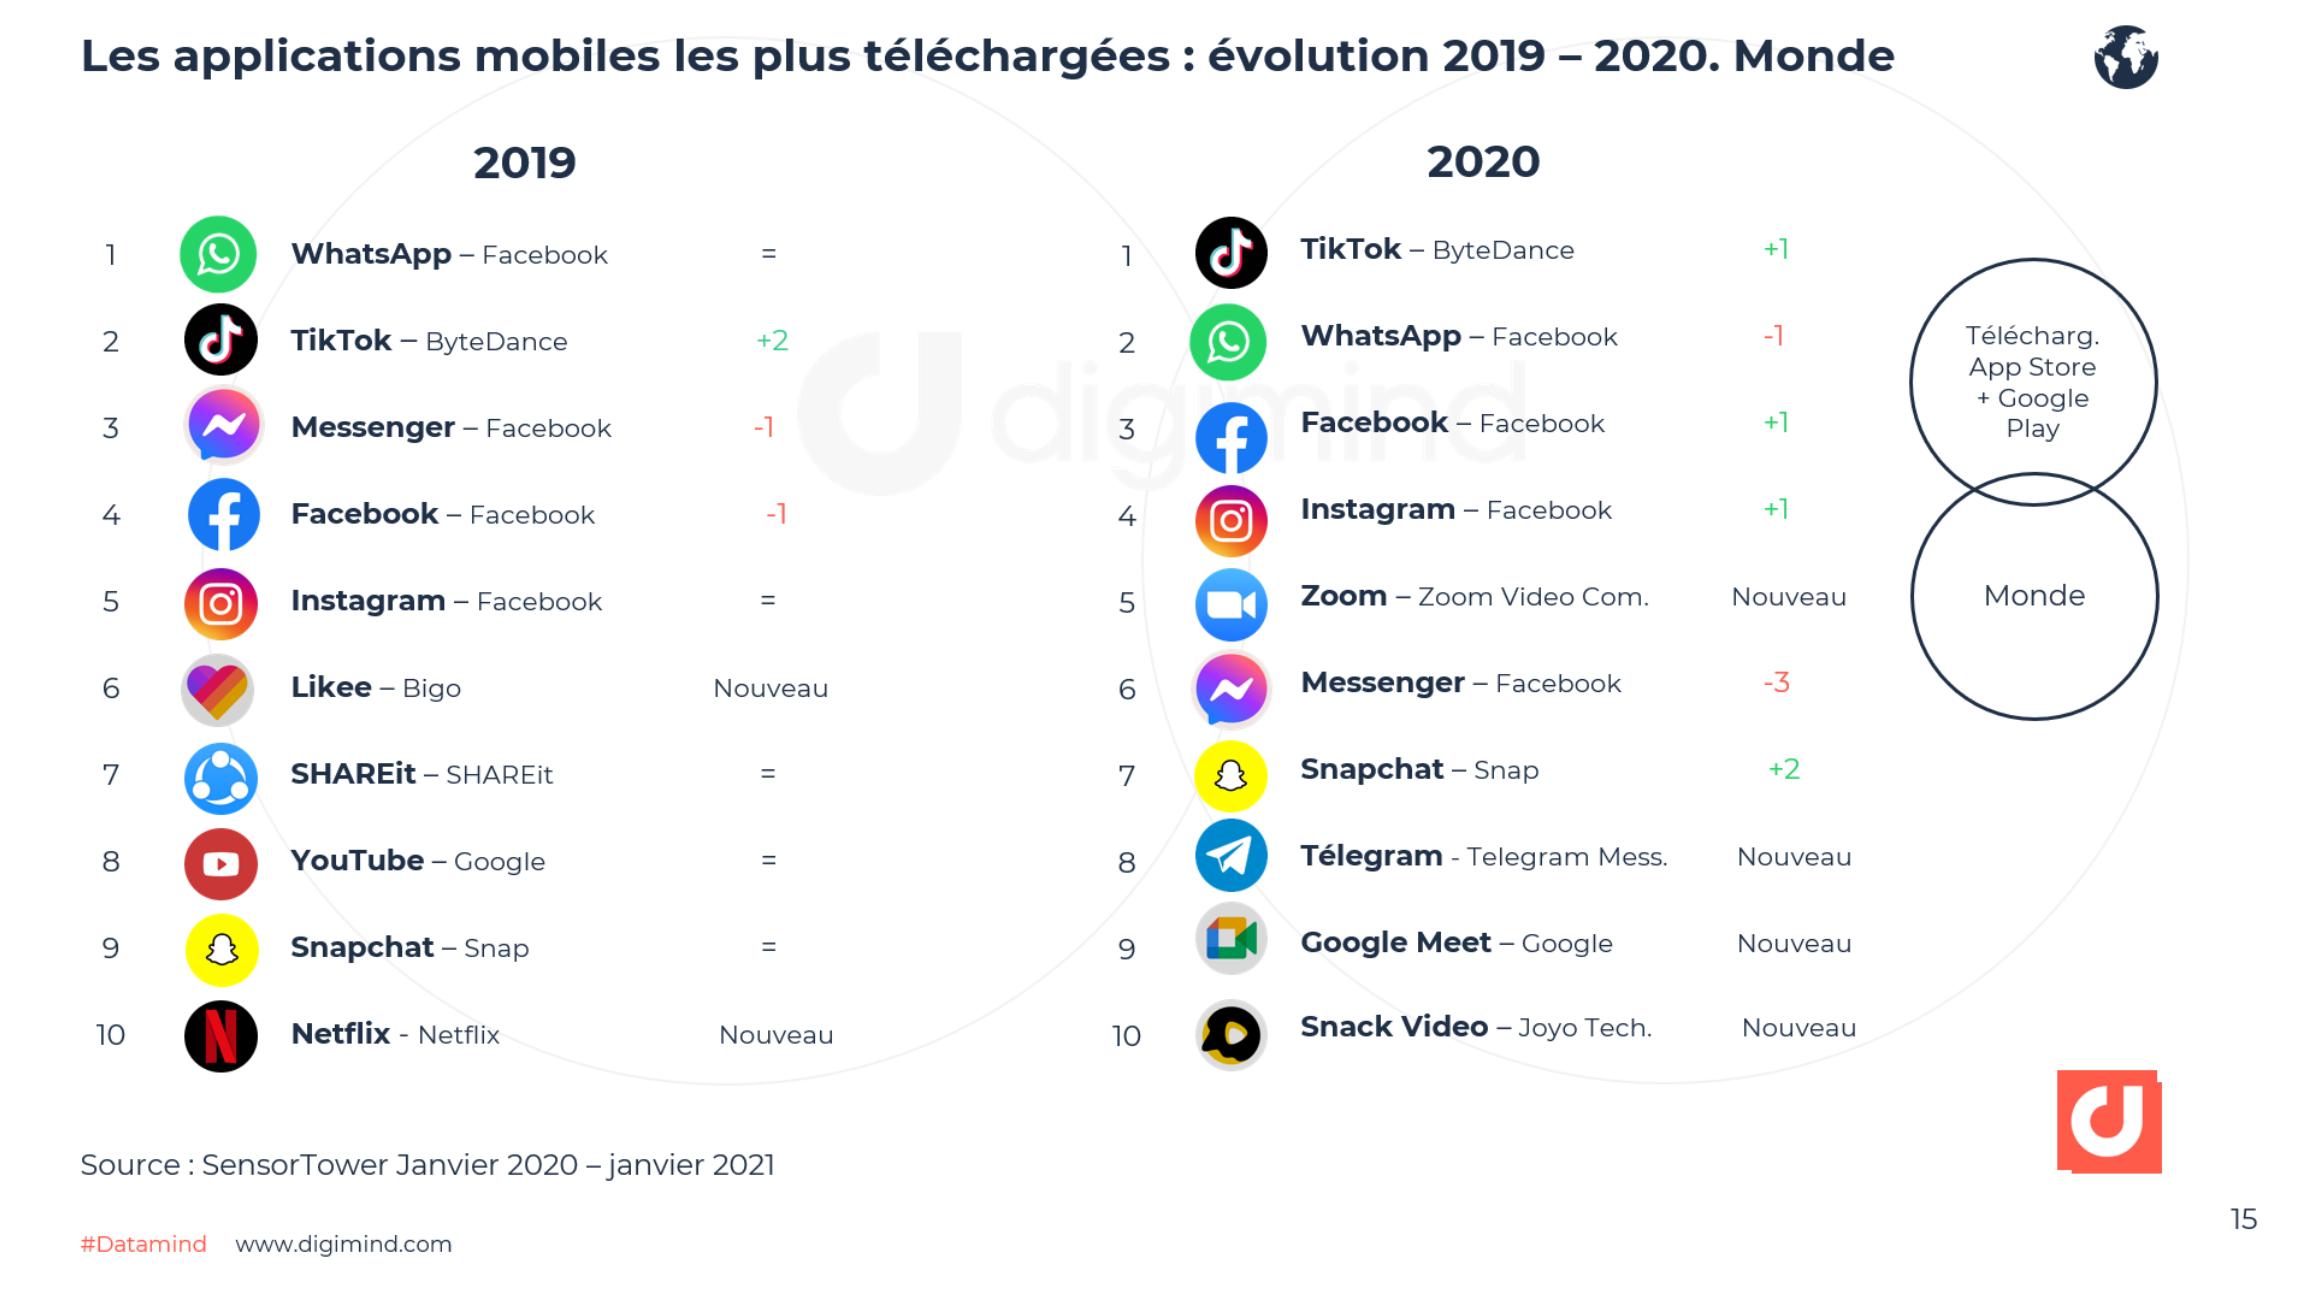 Le top des applications mobiles (hors jeux) dans le monde en 2020 en téléchargements